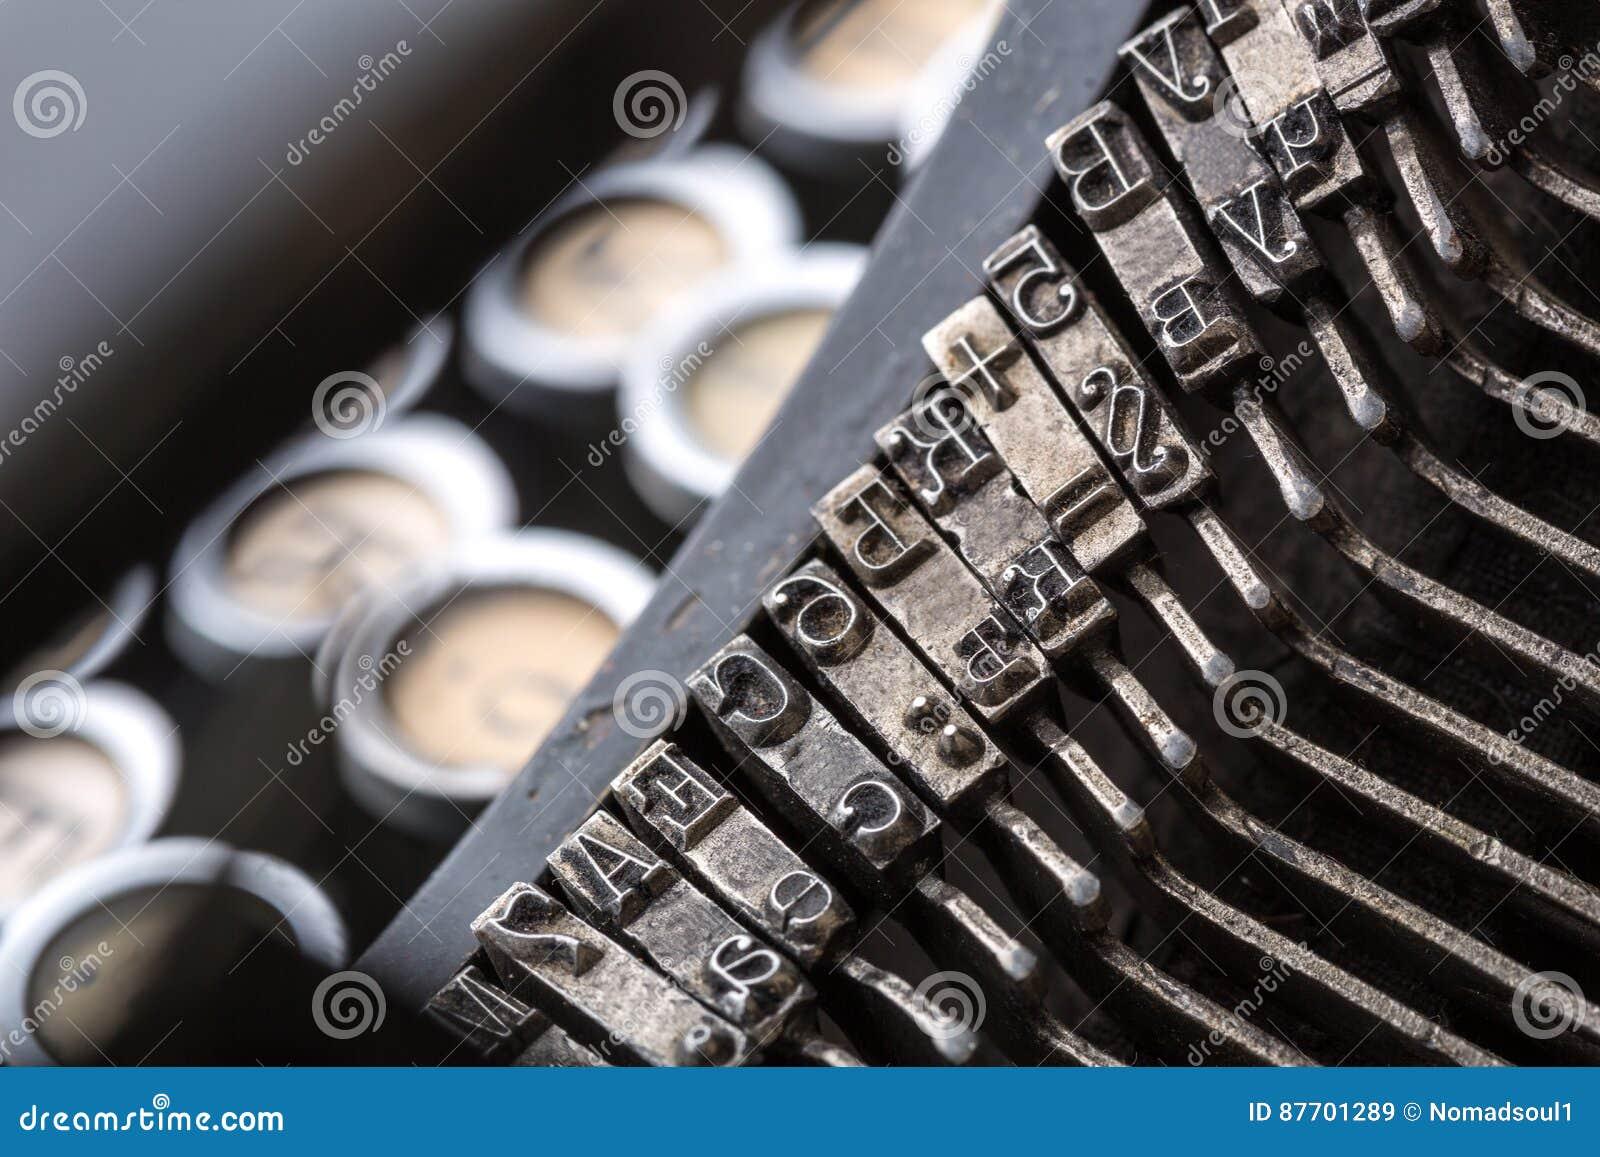 Image de plan rapproché de mécanisme de machine à écrire de vintage